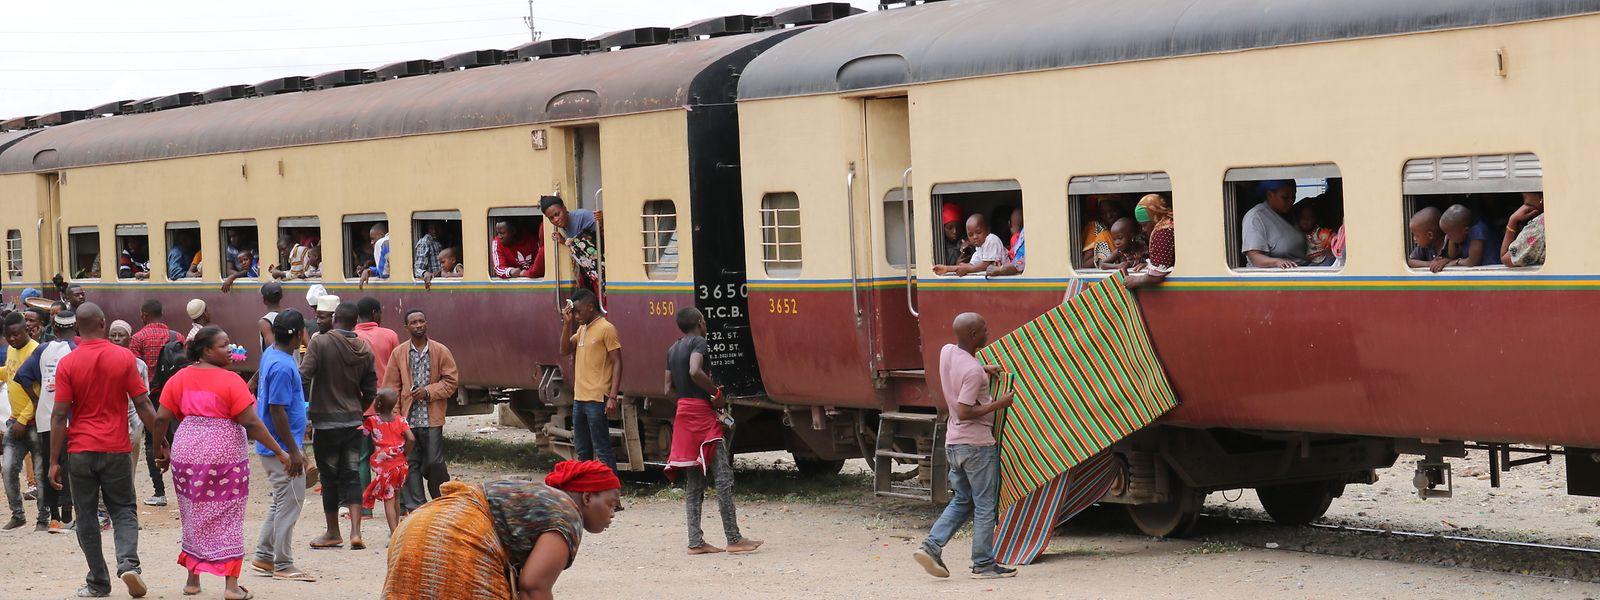 Zwischenstopp nach 16 Stunden Fahrtzeit: In Tansanias Hauptstadt Dodoma legt der Zug eine längere Pause ein.